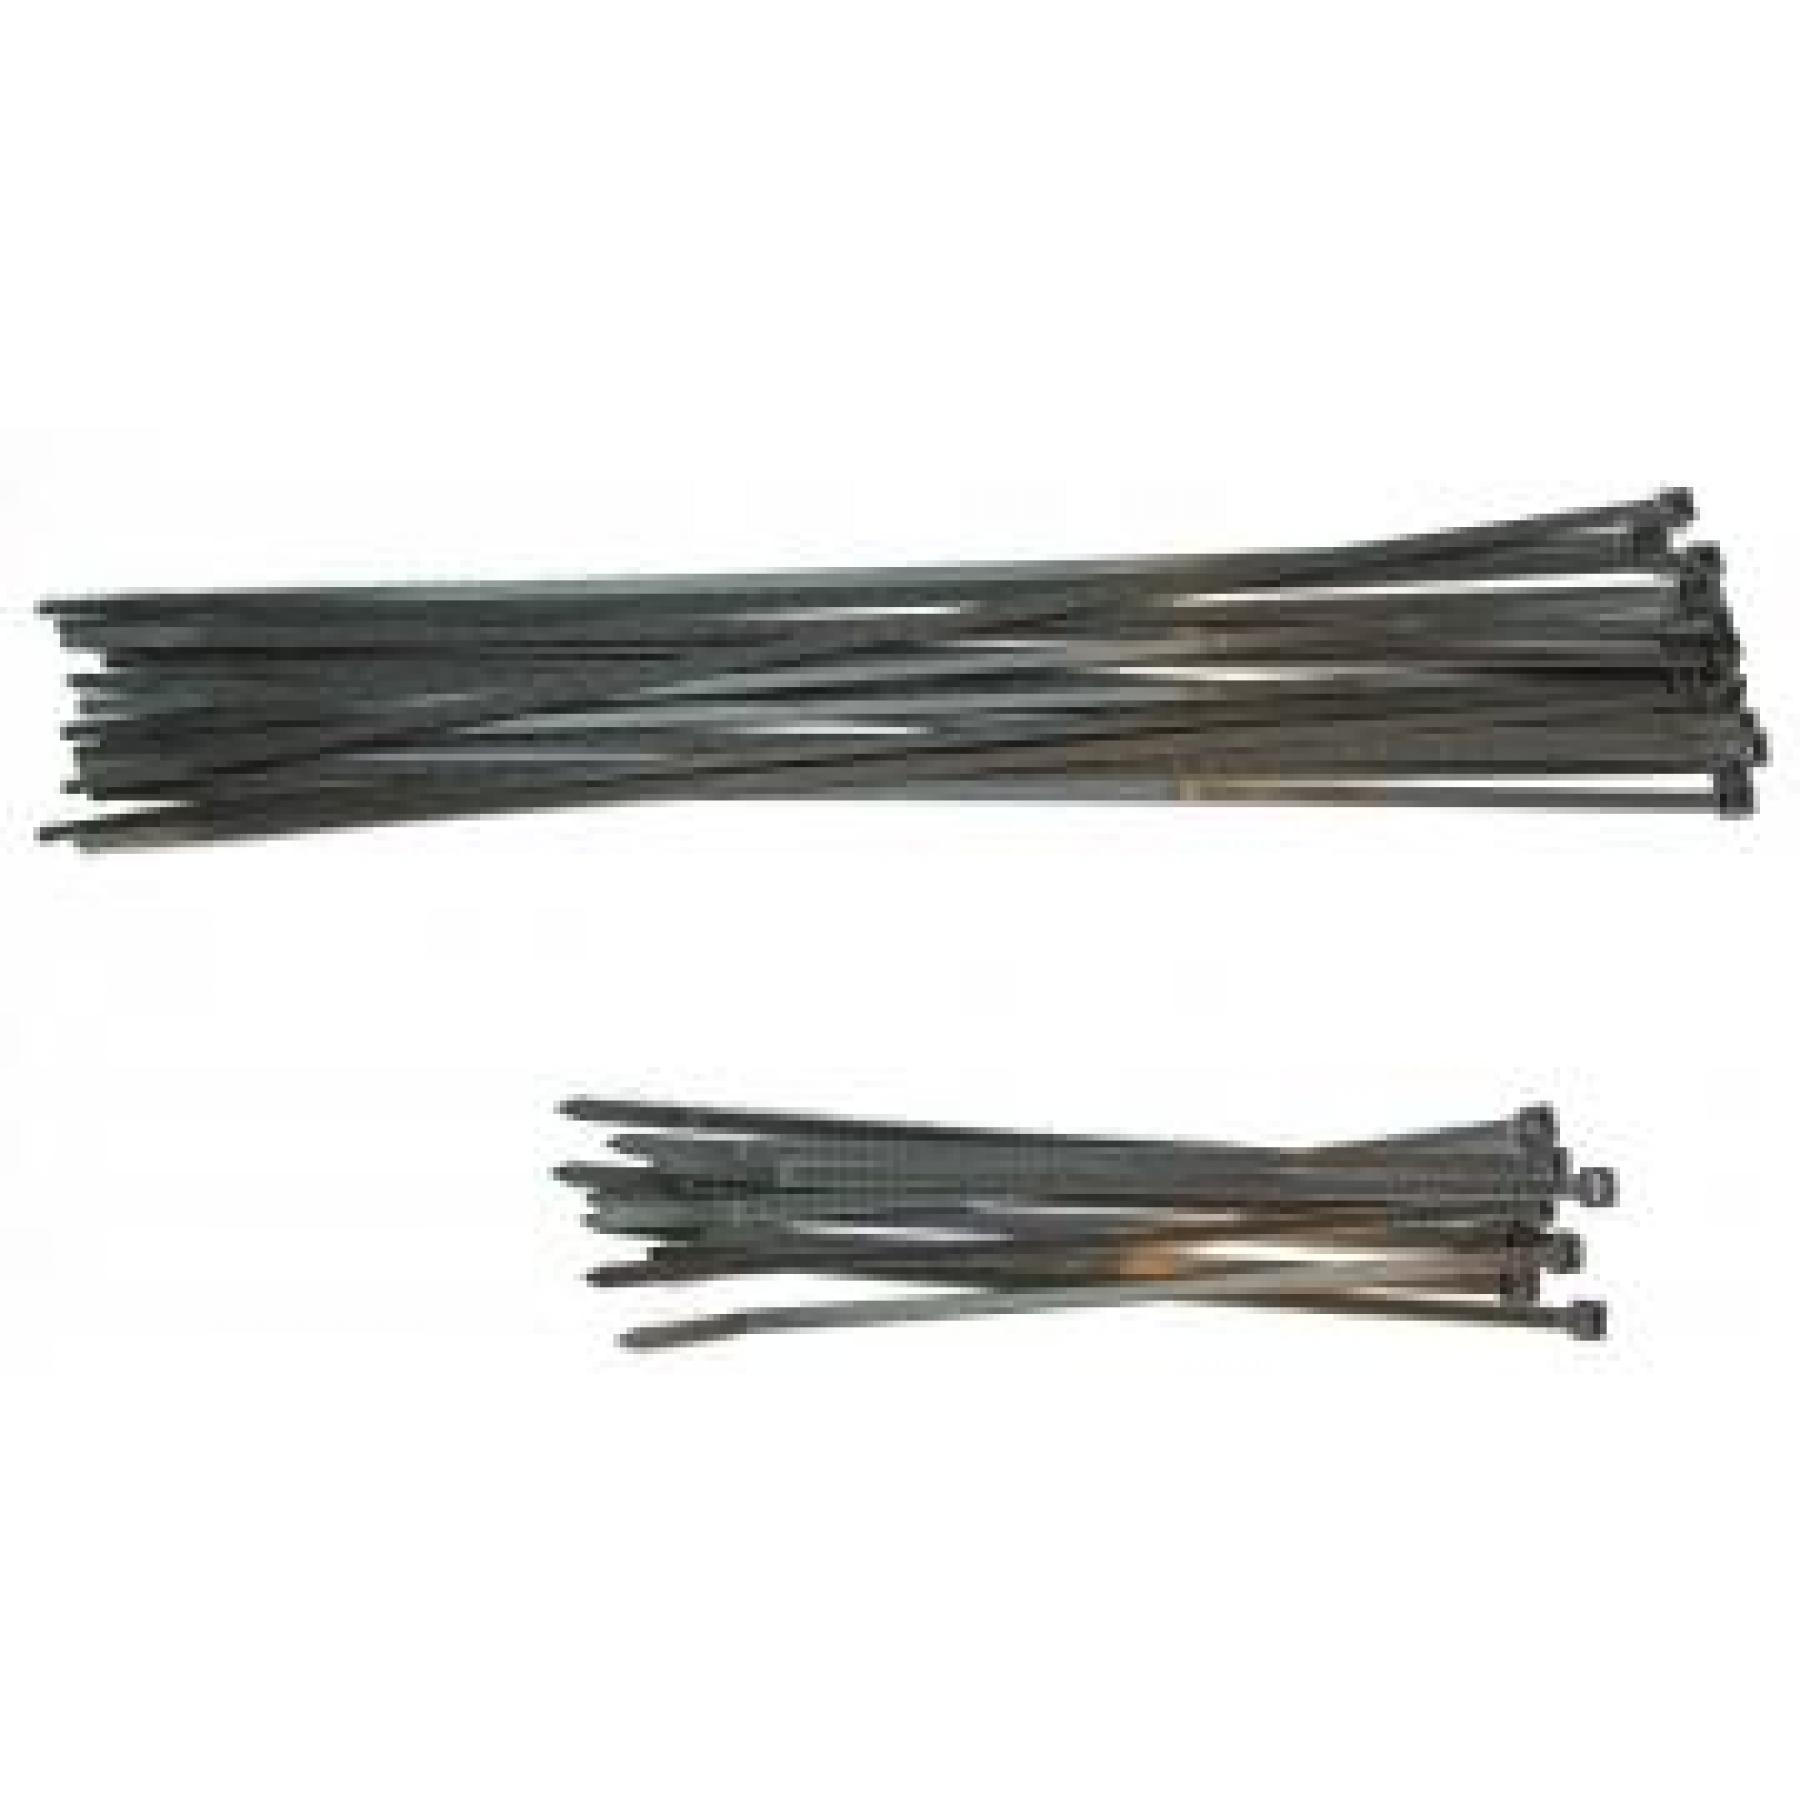 Kabelstrip 098x2,5 zwart 100st